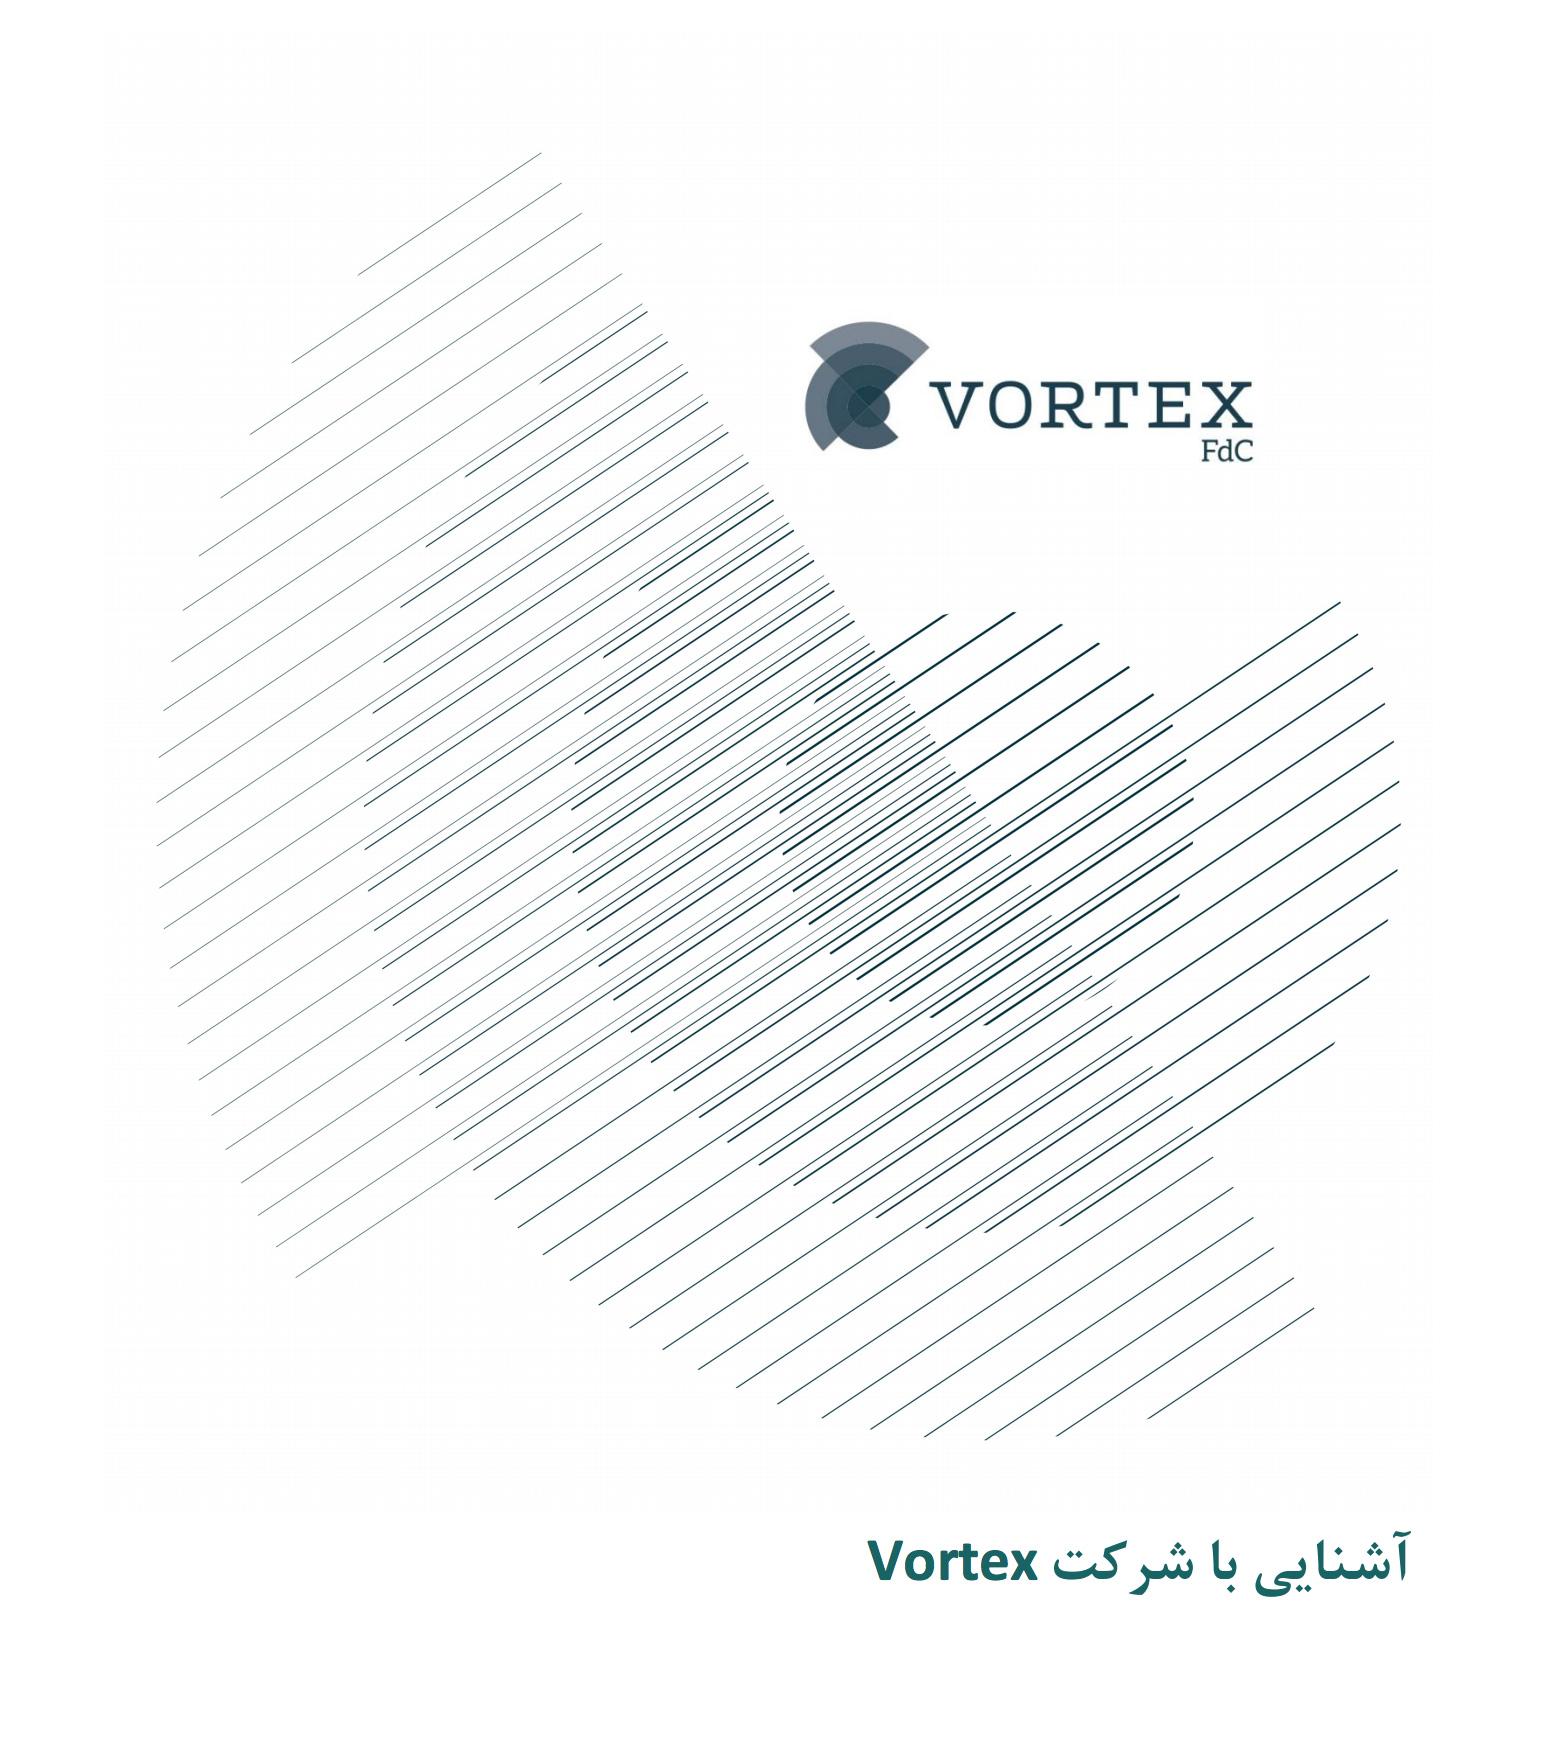 Vortex | Vortex Description in Persian